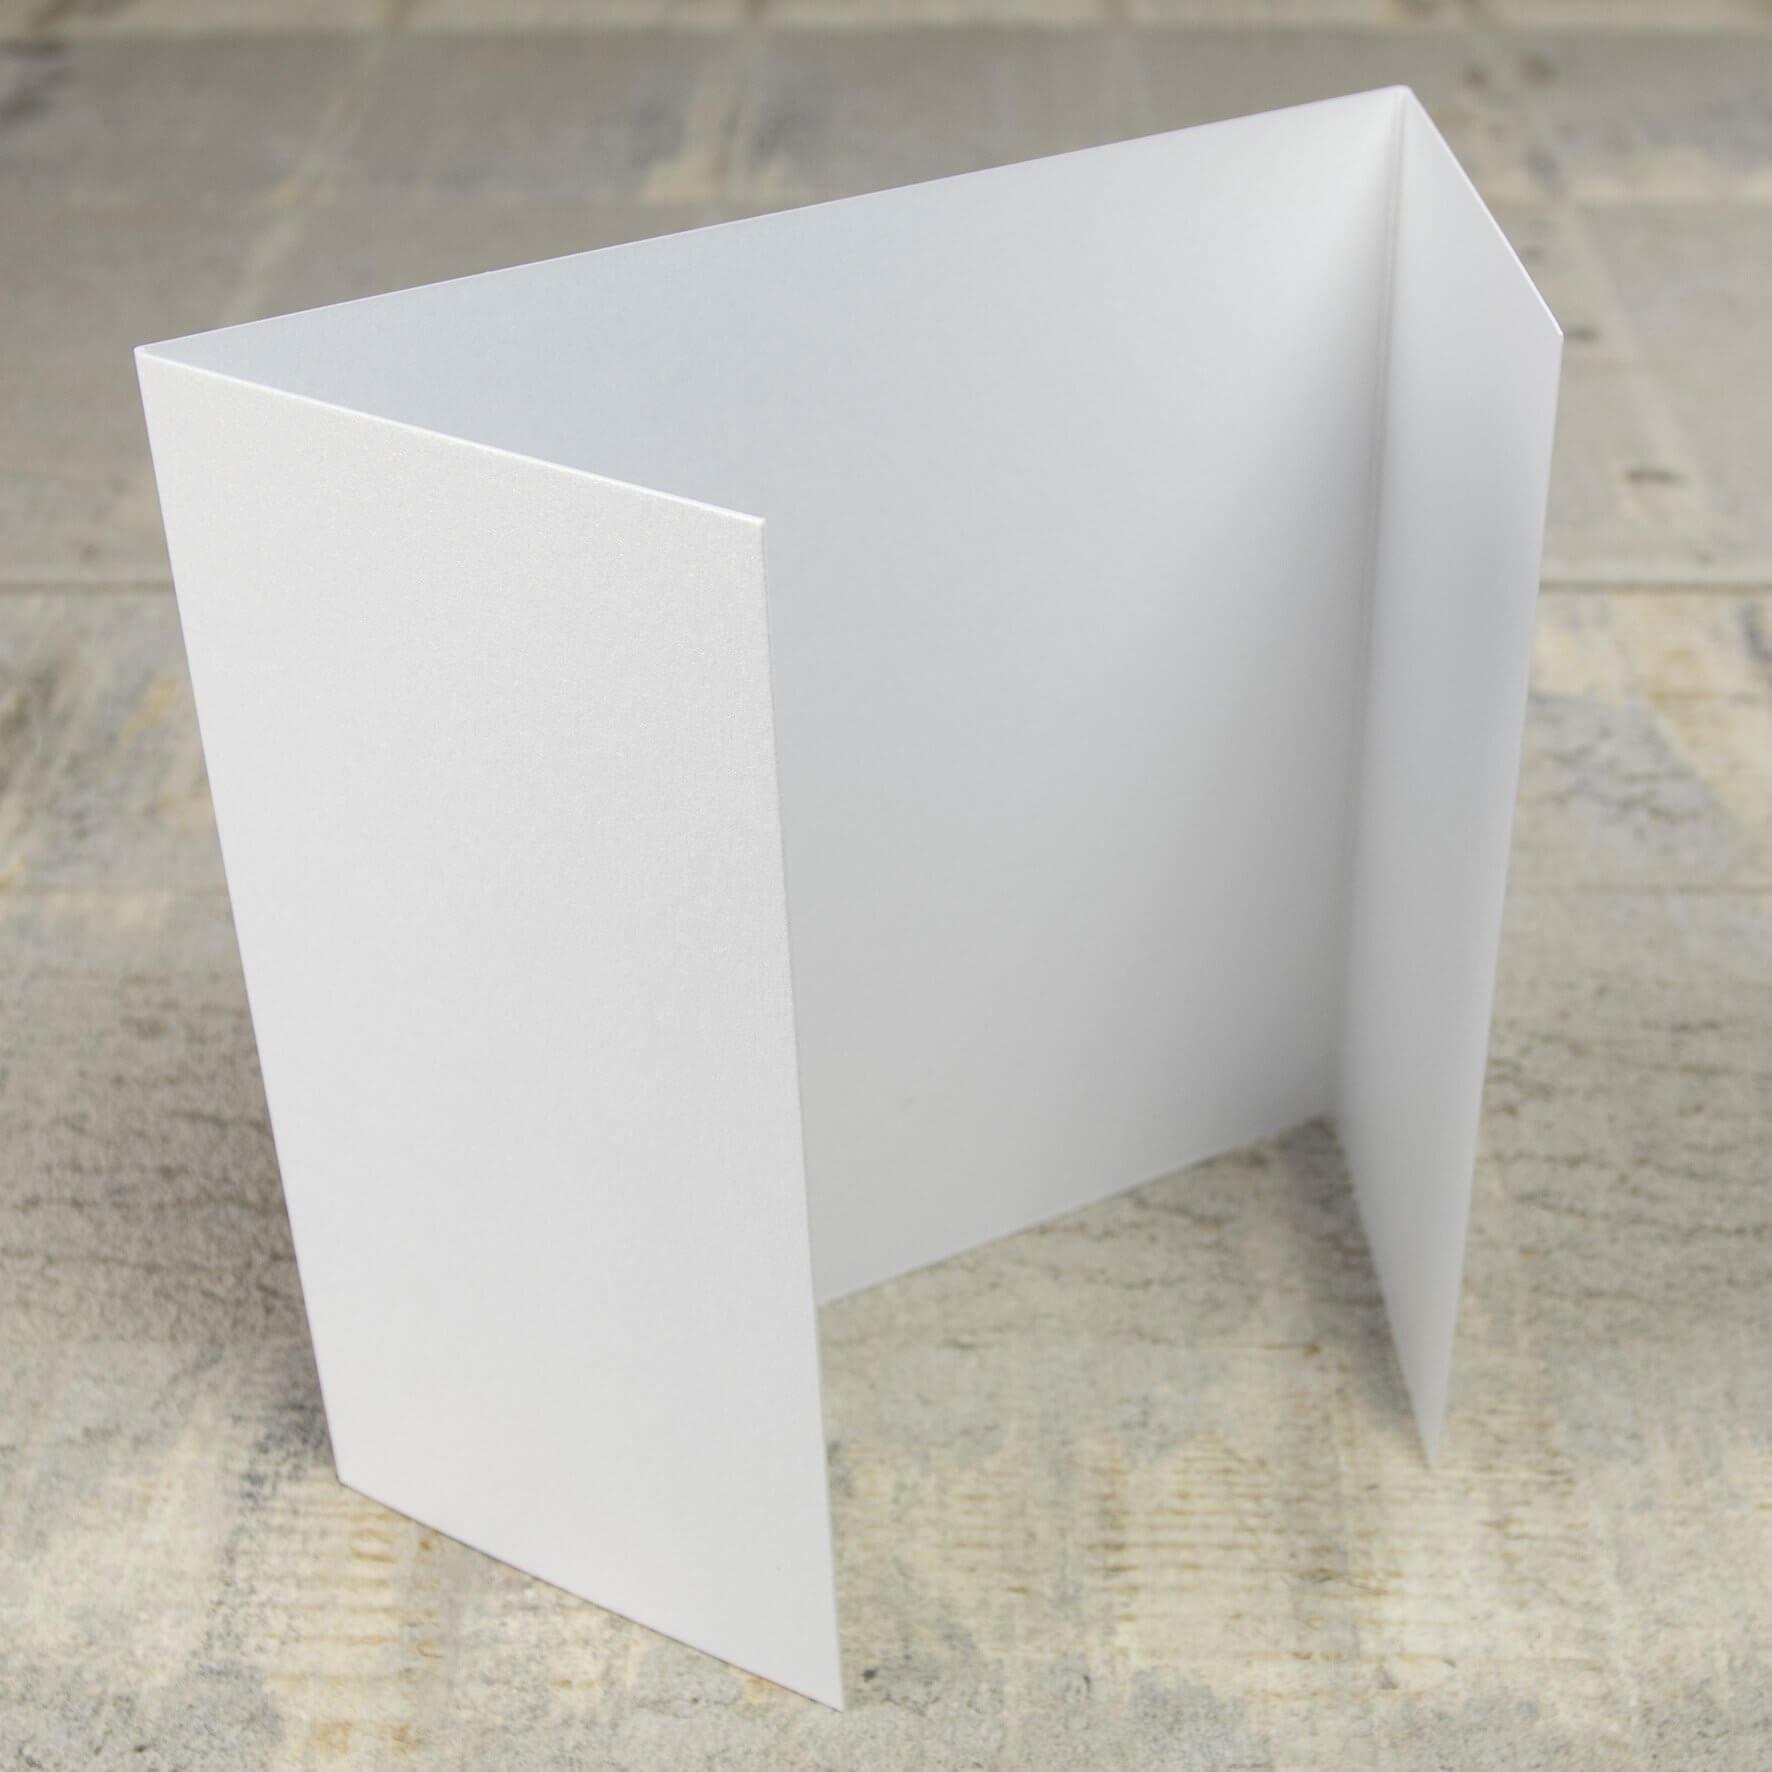 Creased Card Gatefold (Lg Sq) - White Lustre